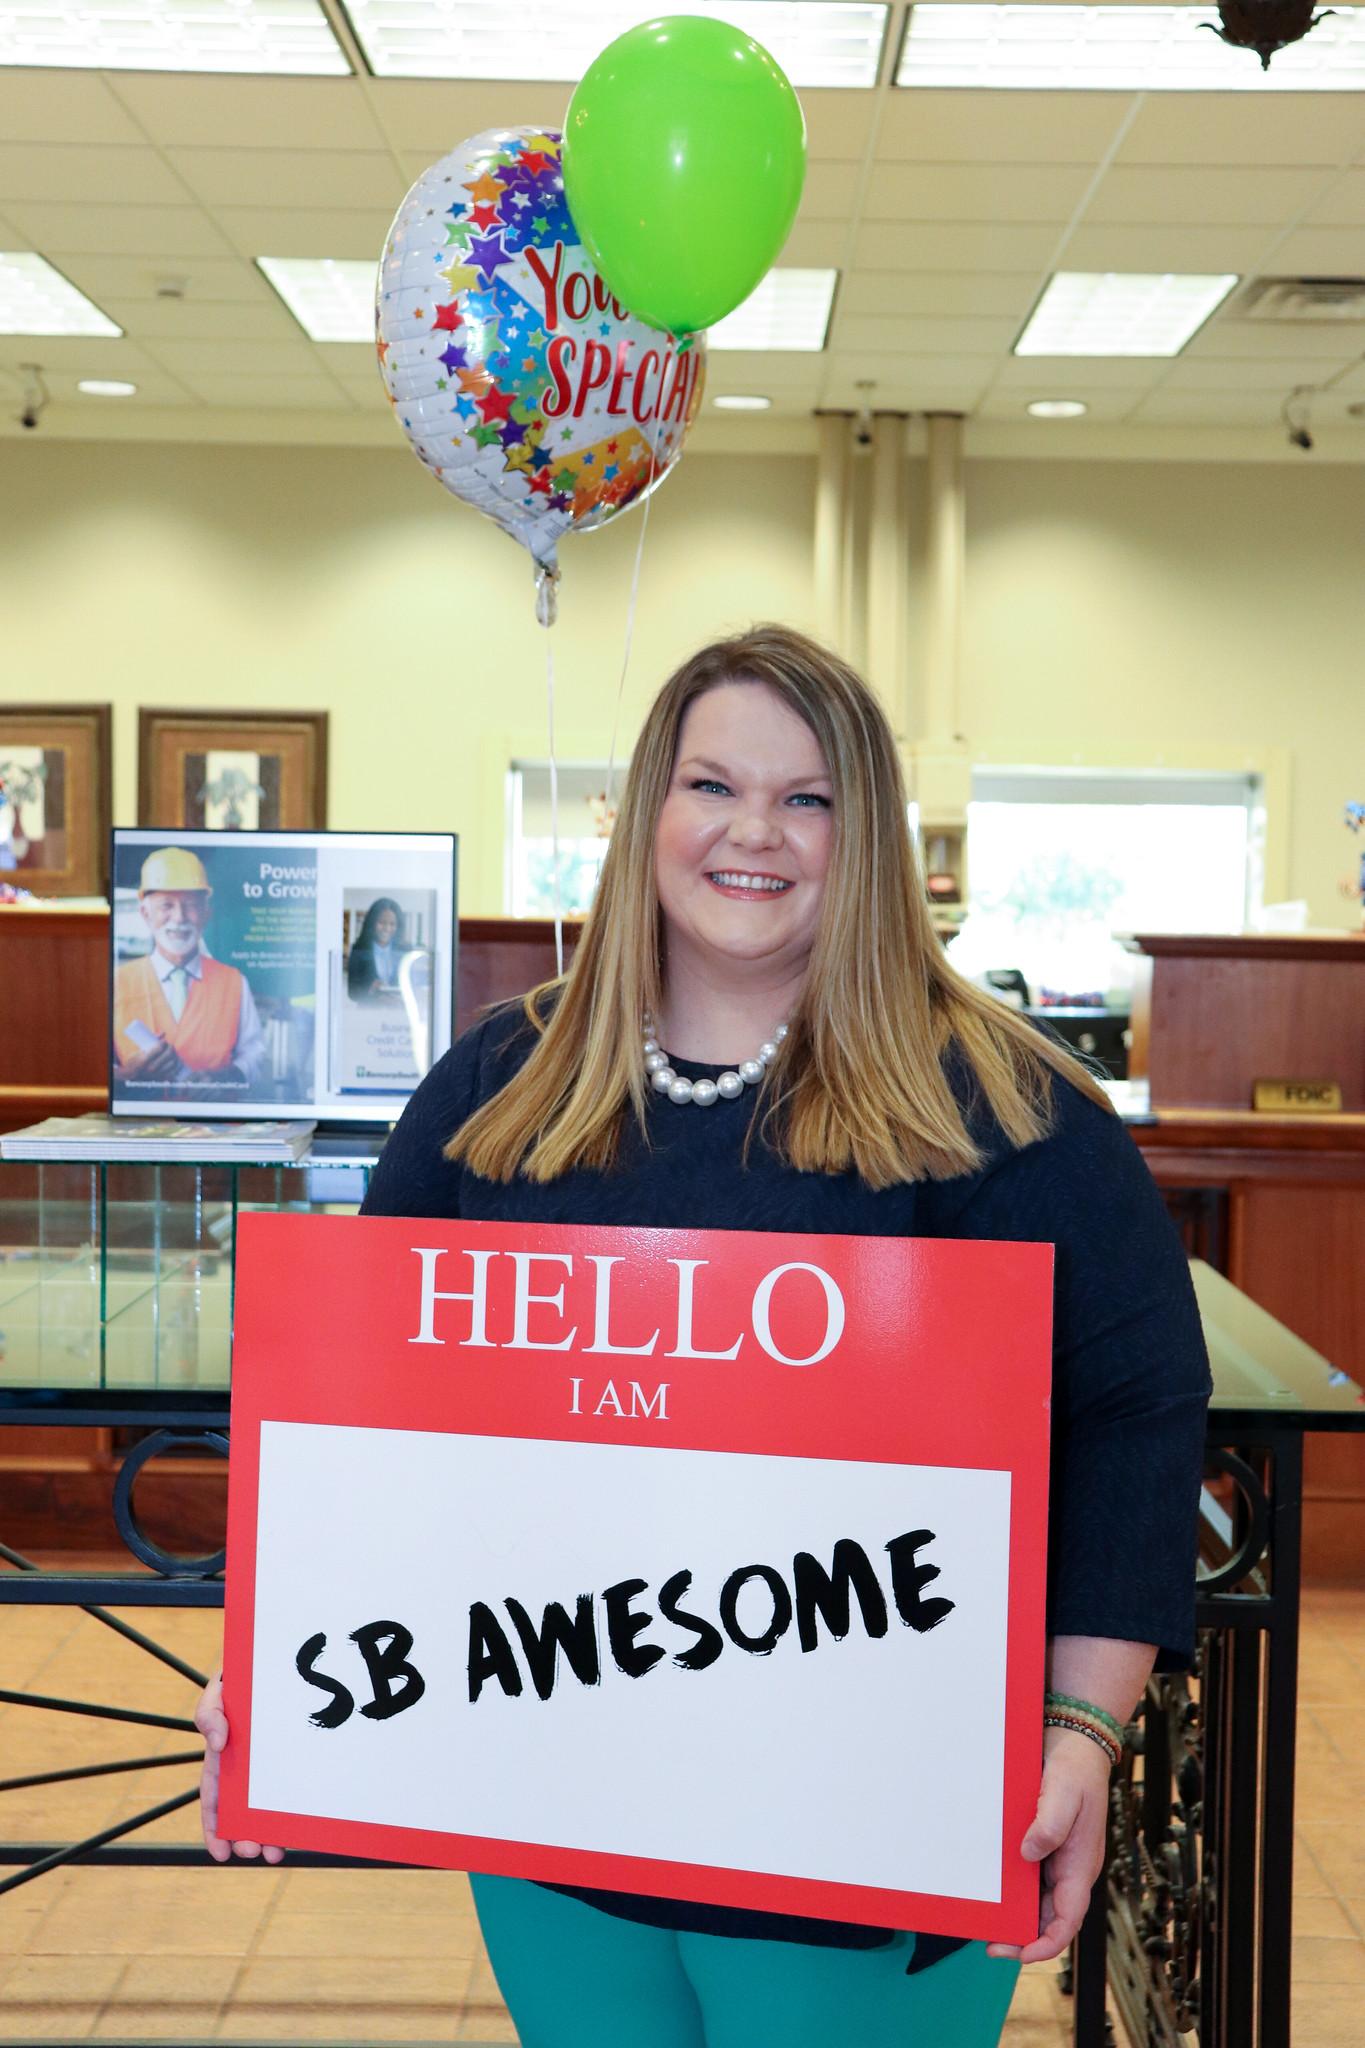 SBAwesome Winners: Sara Alexander